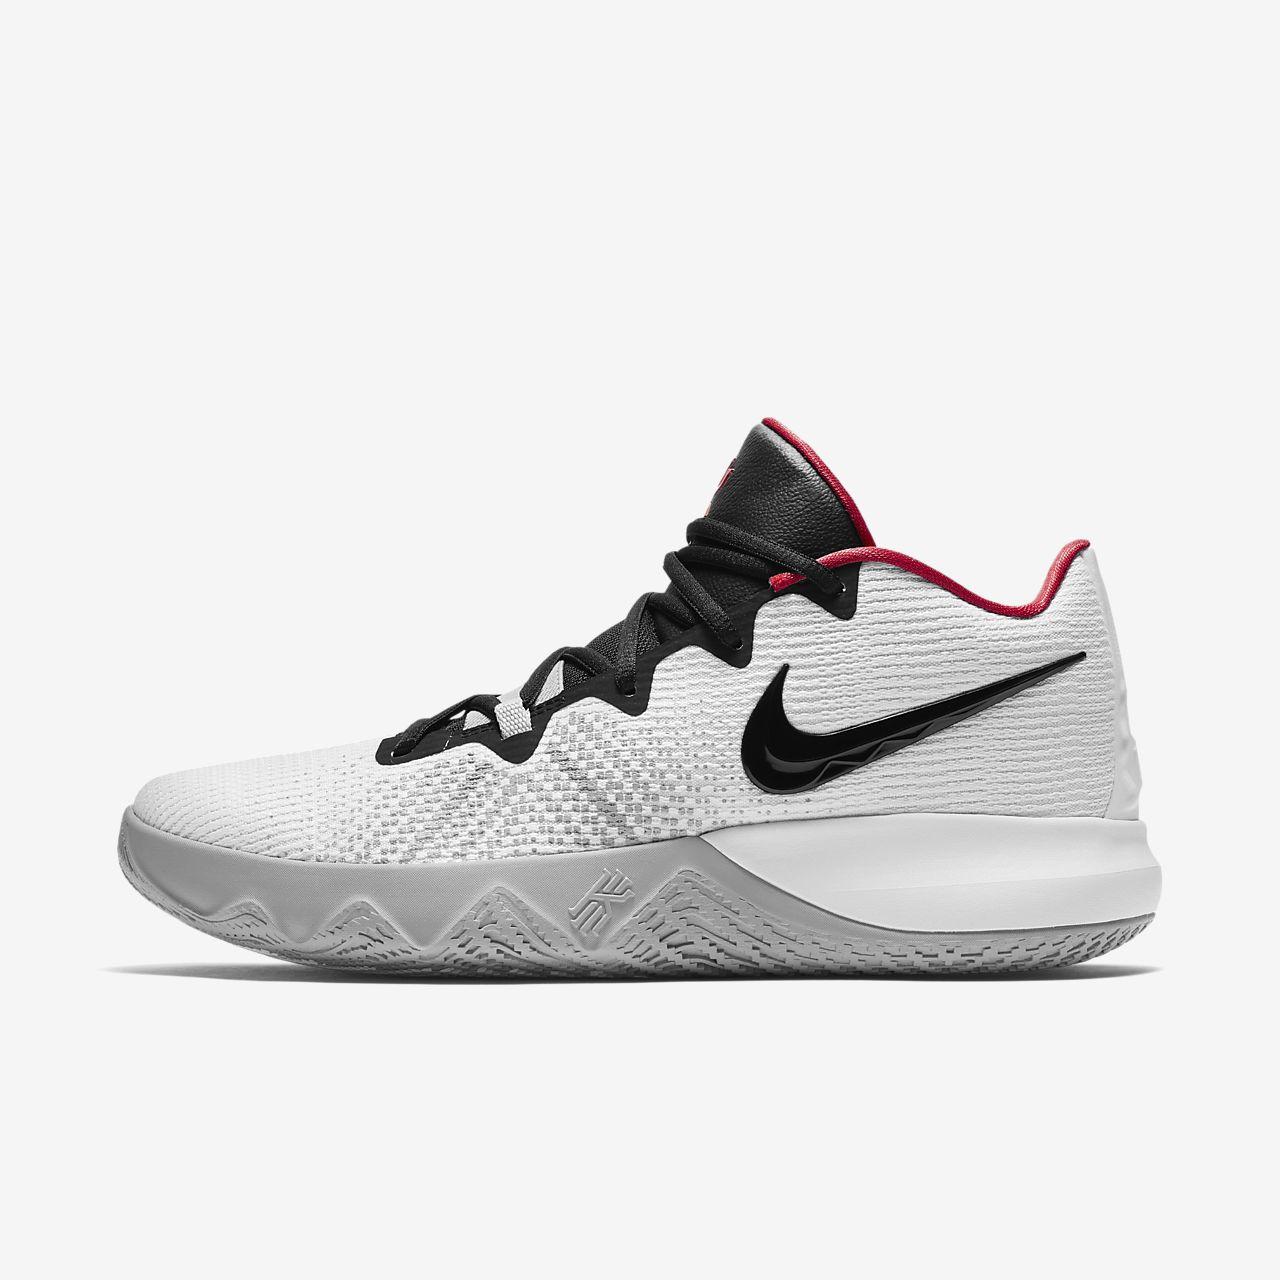 7dc4a0de305 Kyrie Flytrap Basketball Shoe. Nike.com FI